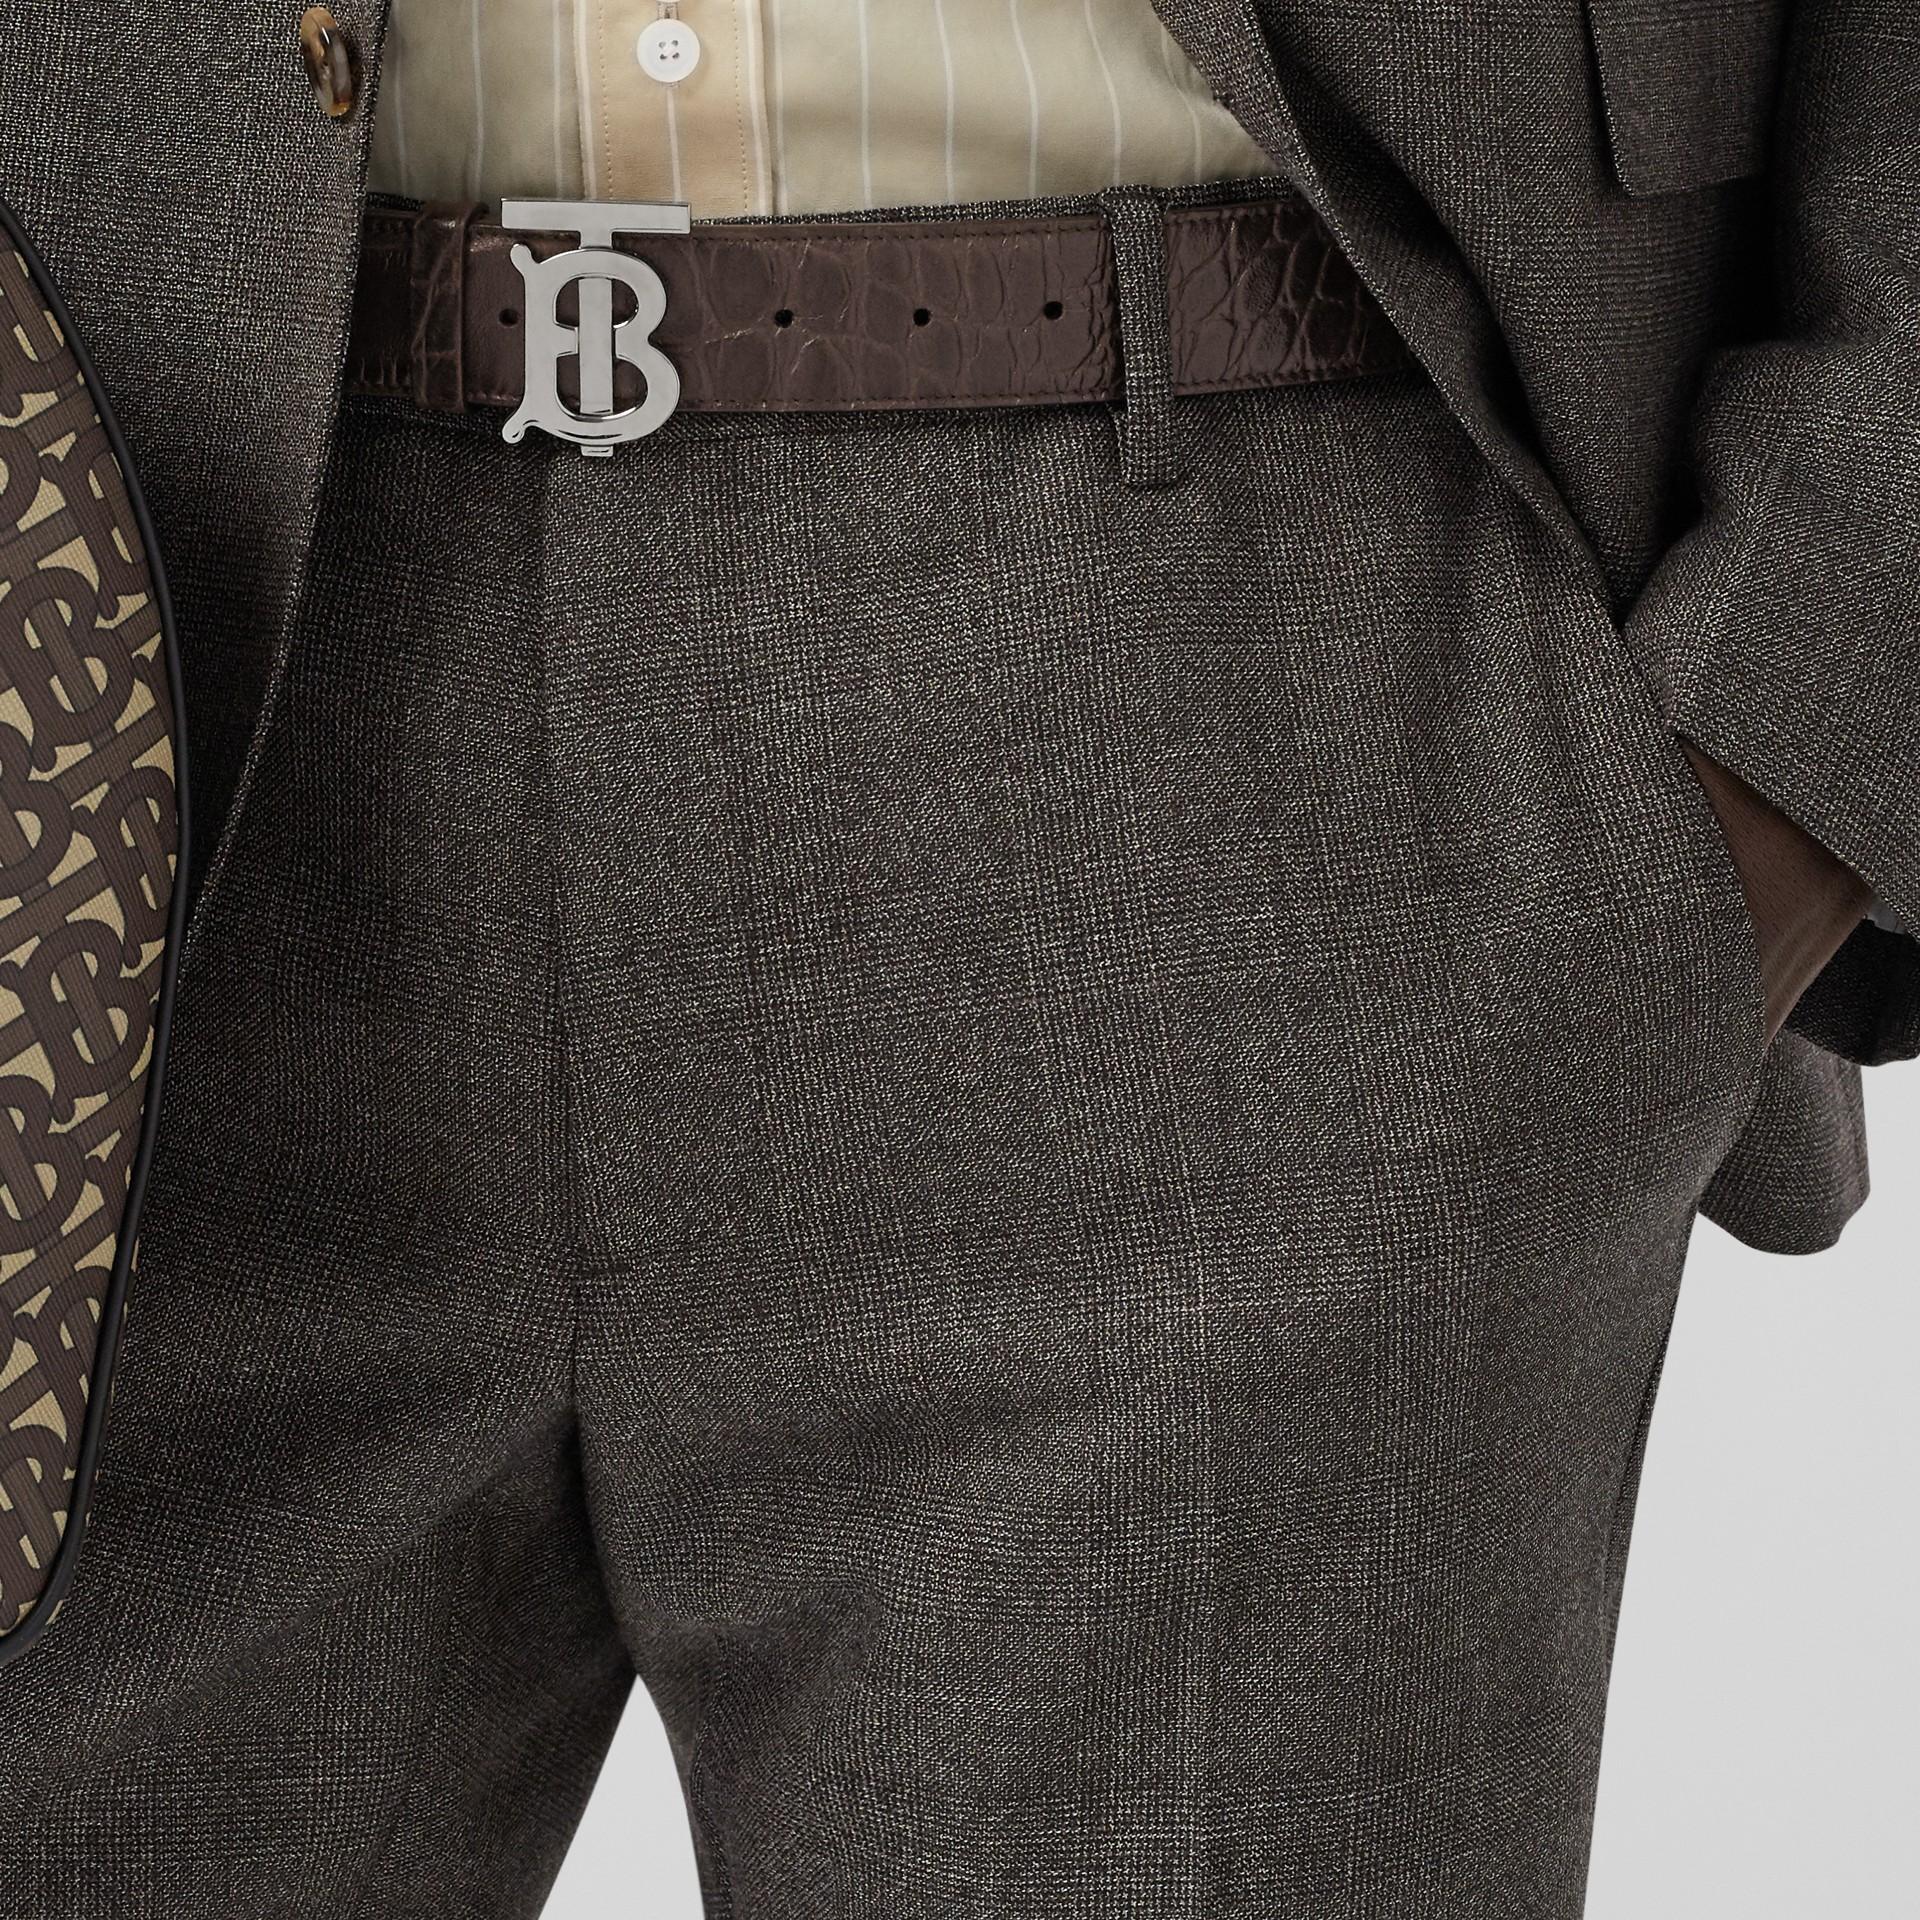 Monogram Motif Embossed Leather Belt in Brown - Men | Burberry United Kingdom - gallery image 2